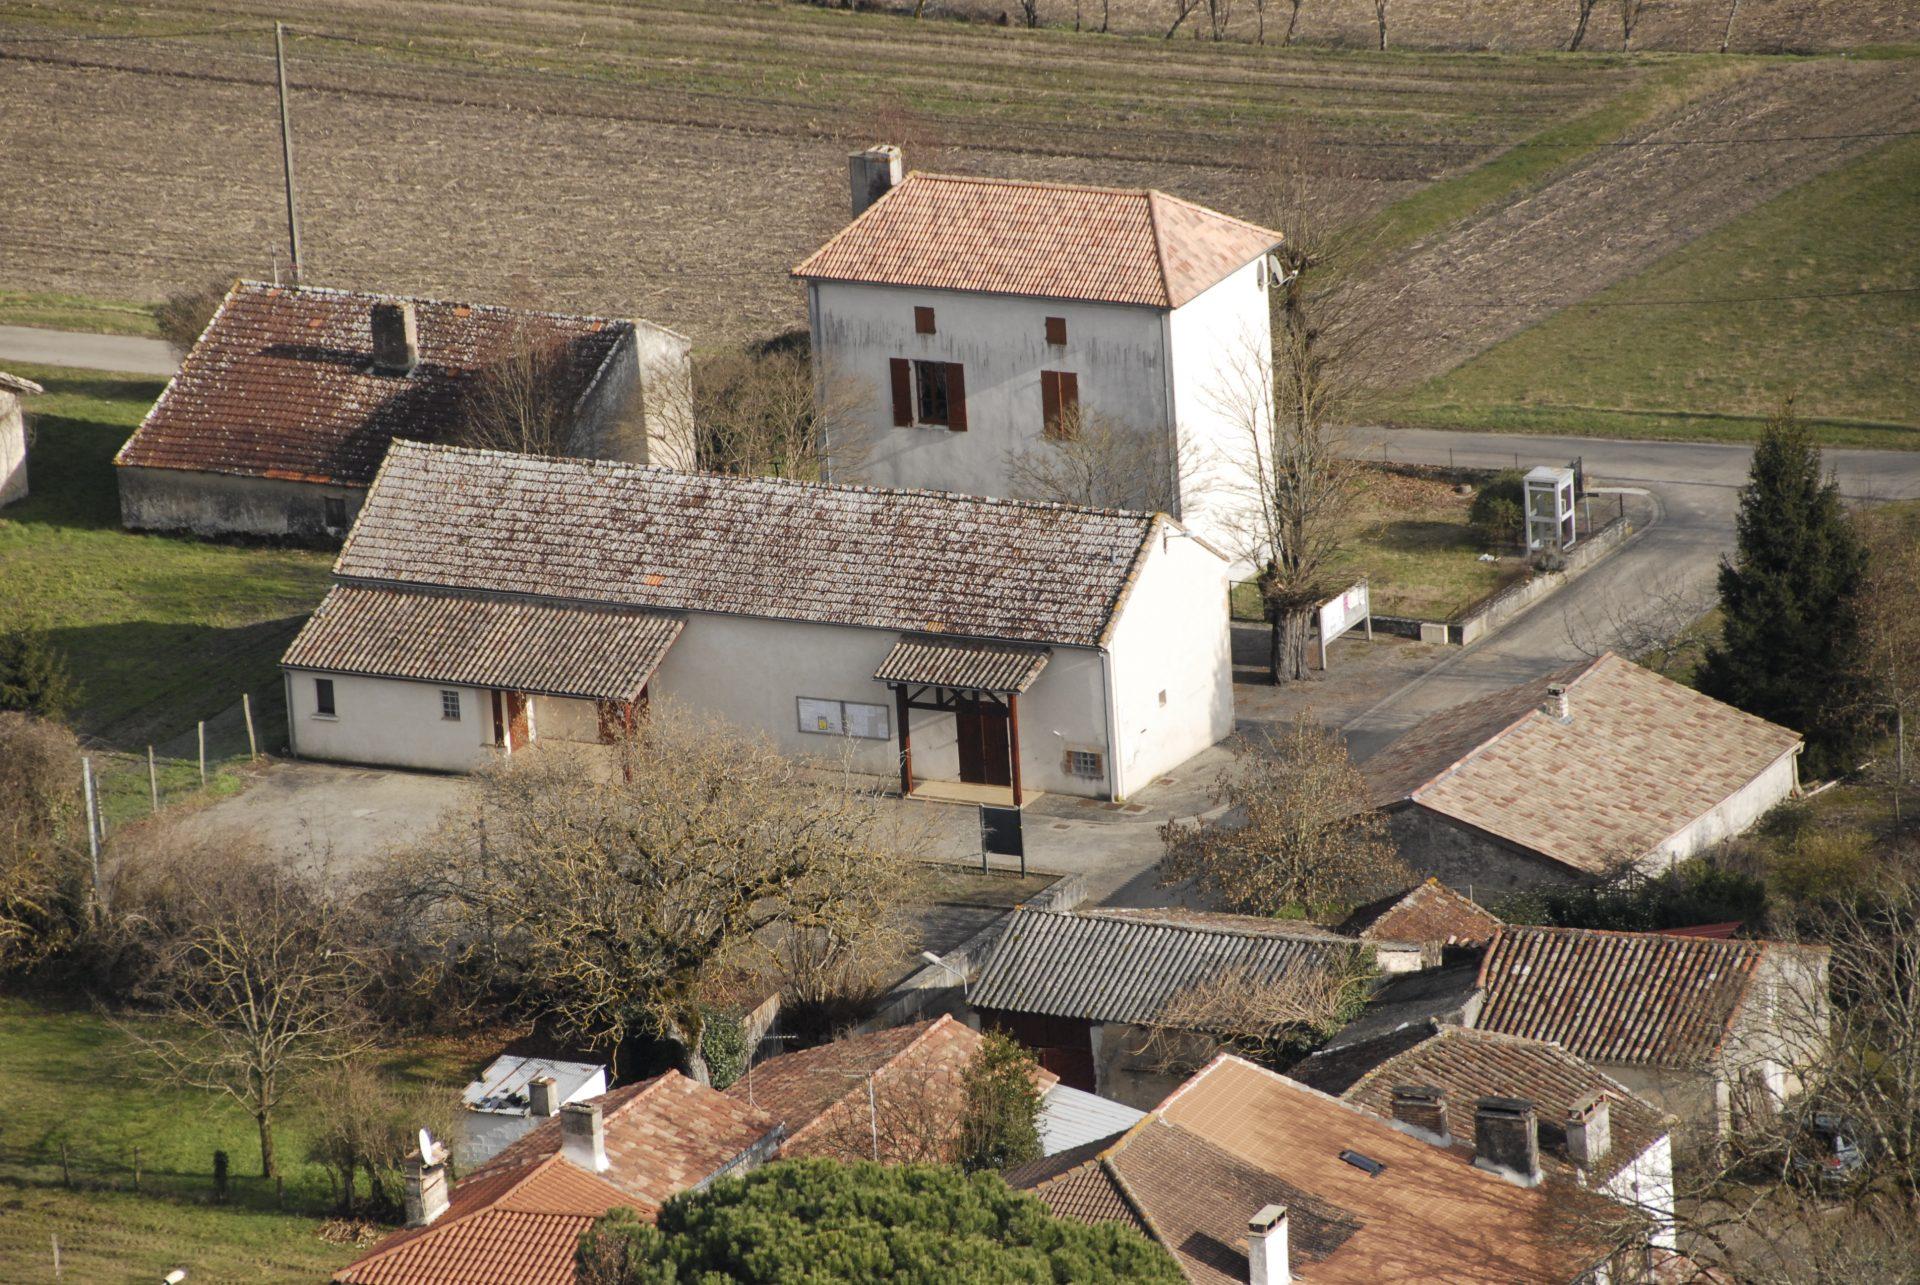 Vue aérienne du village d'Ambrus